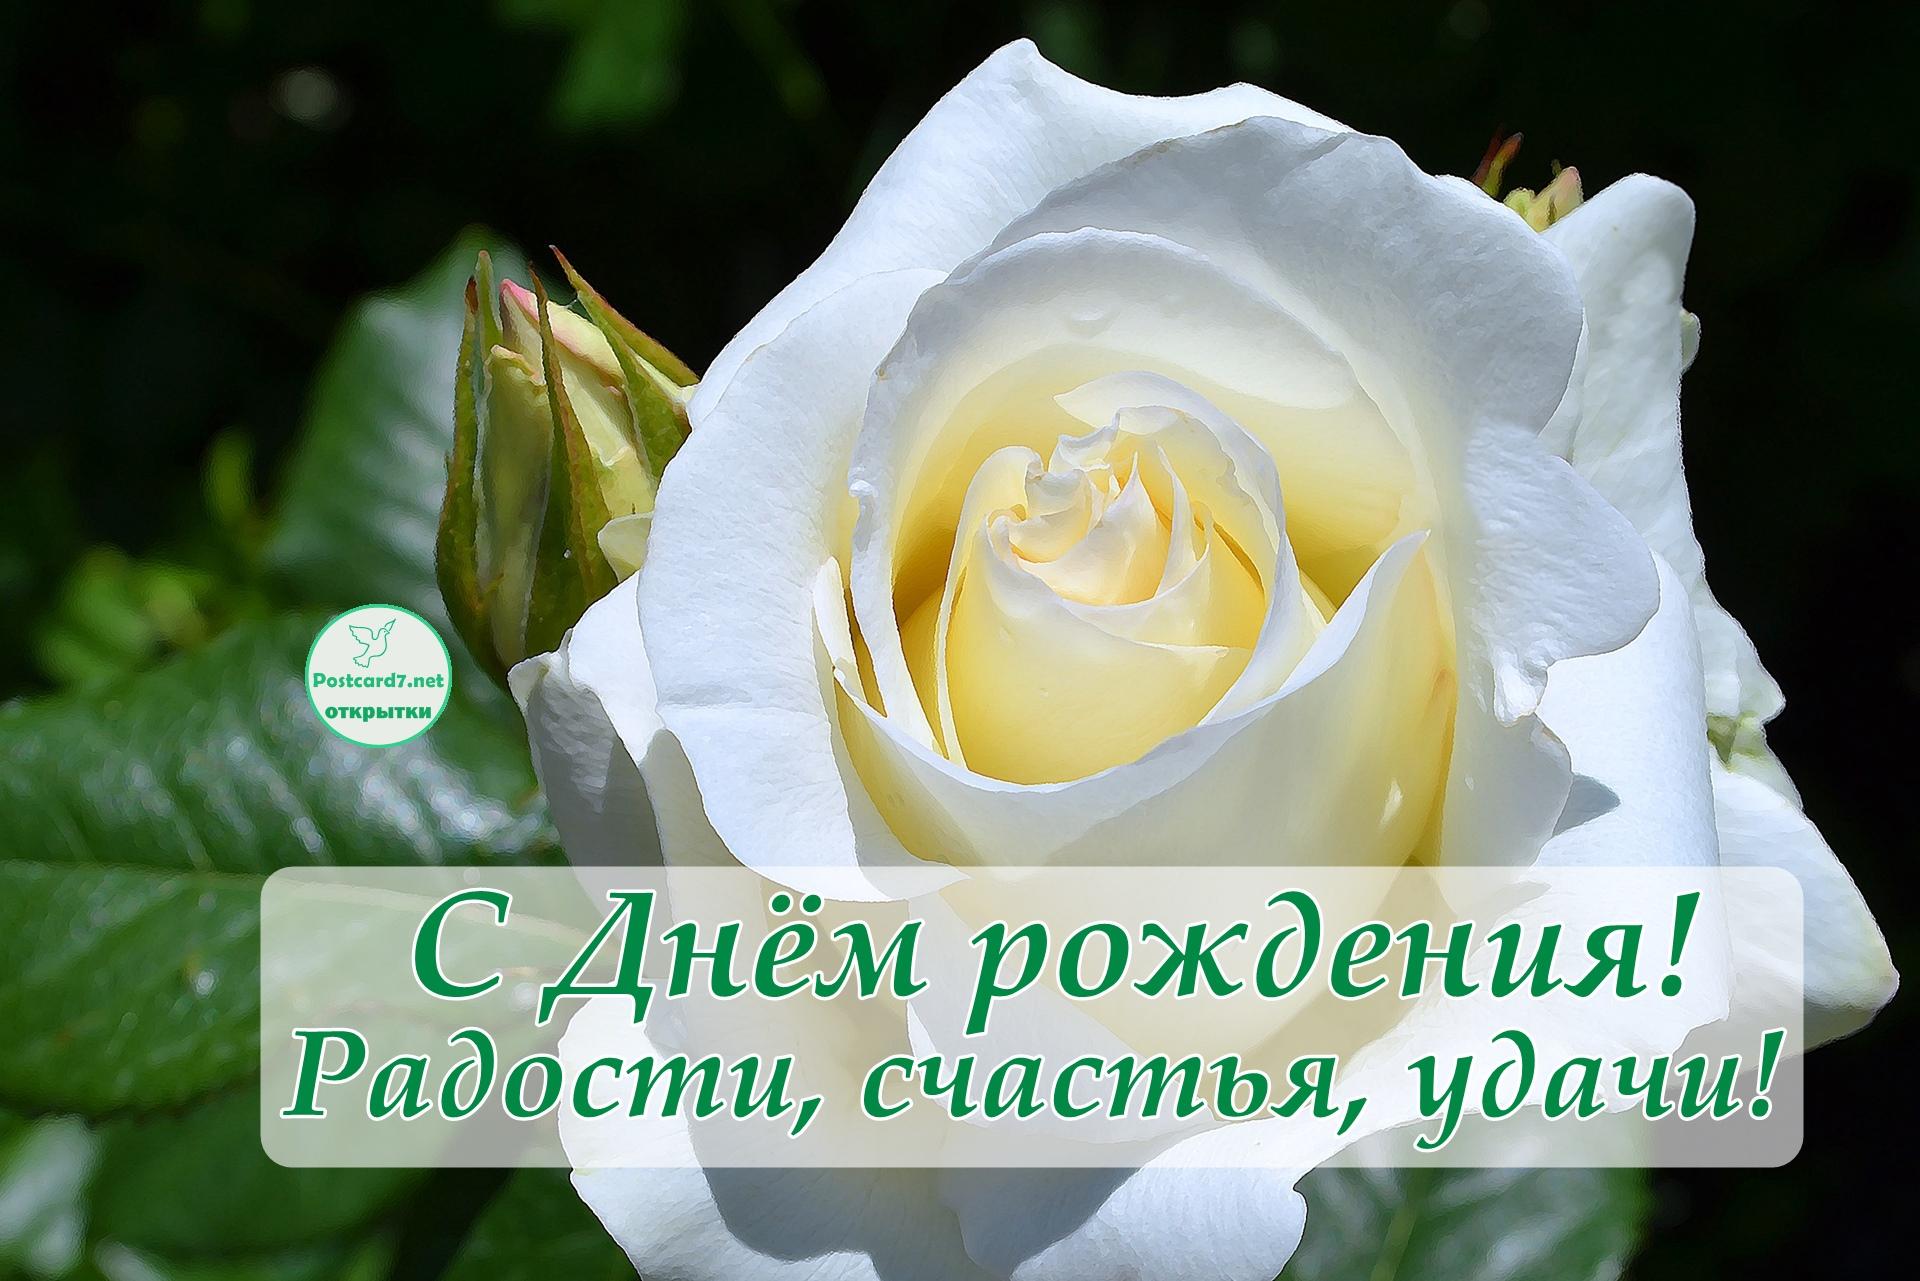 С Днём рождения, открытка с белой розой